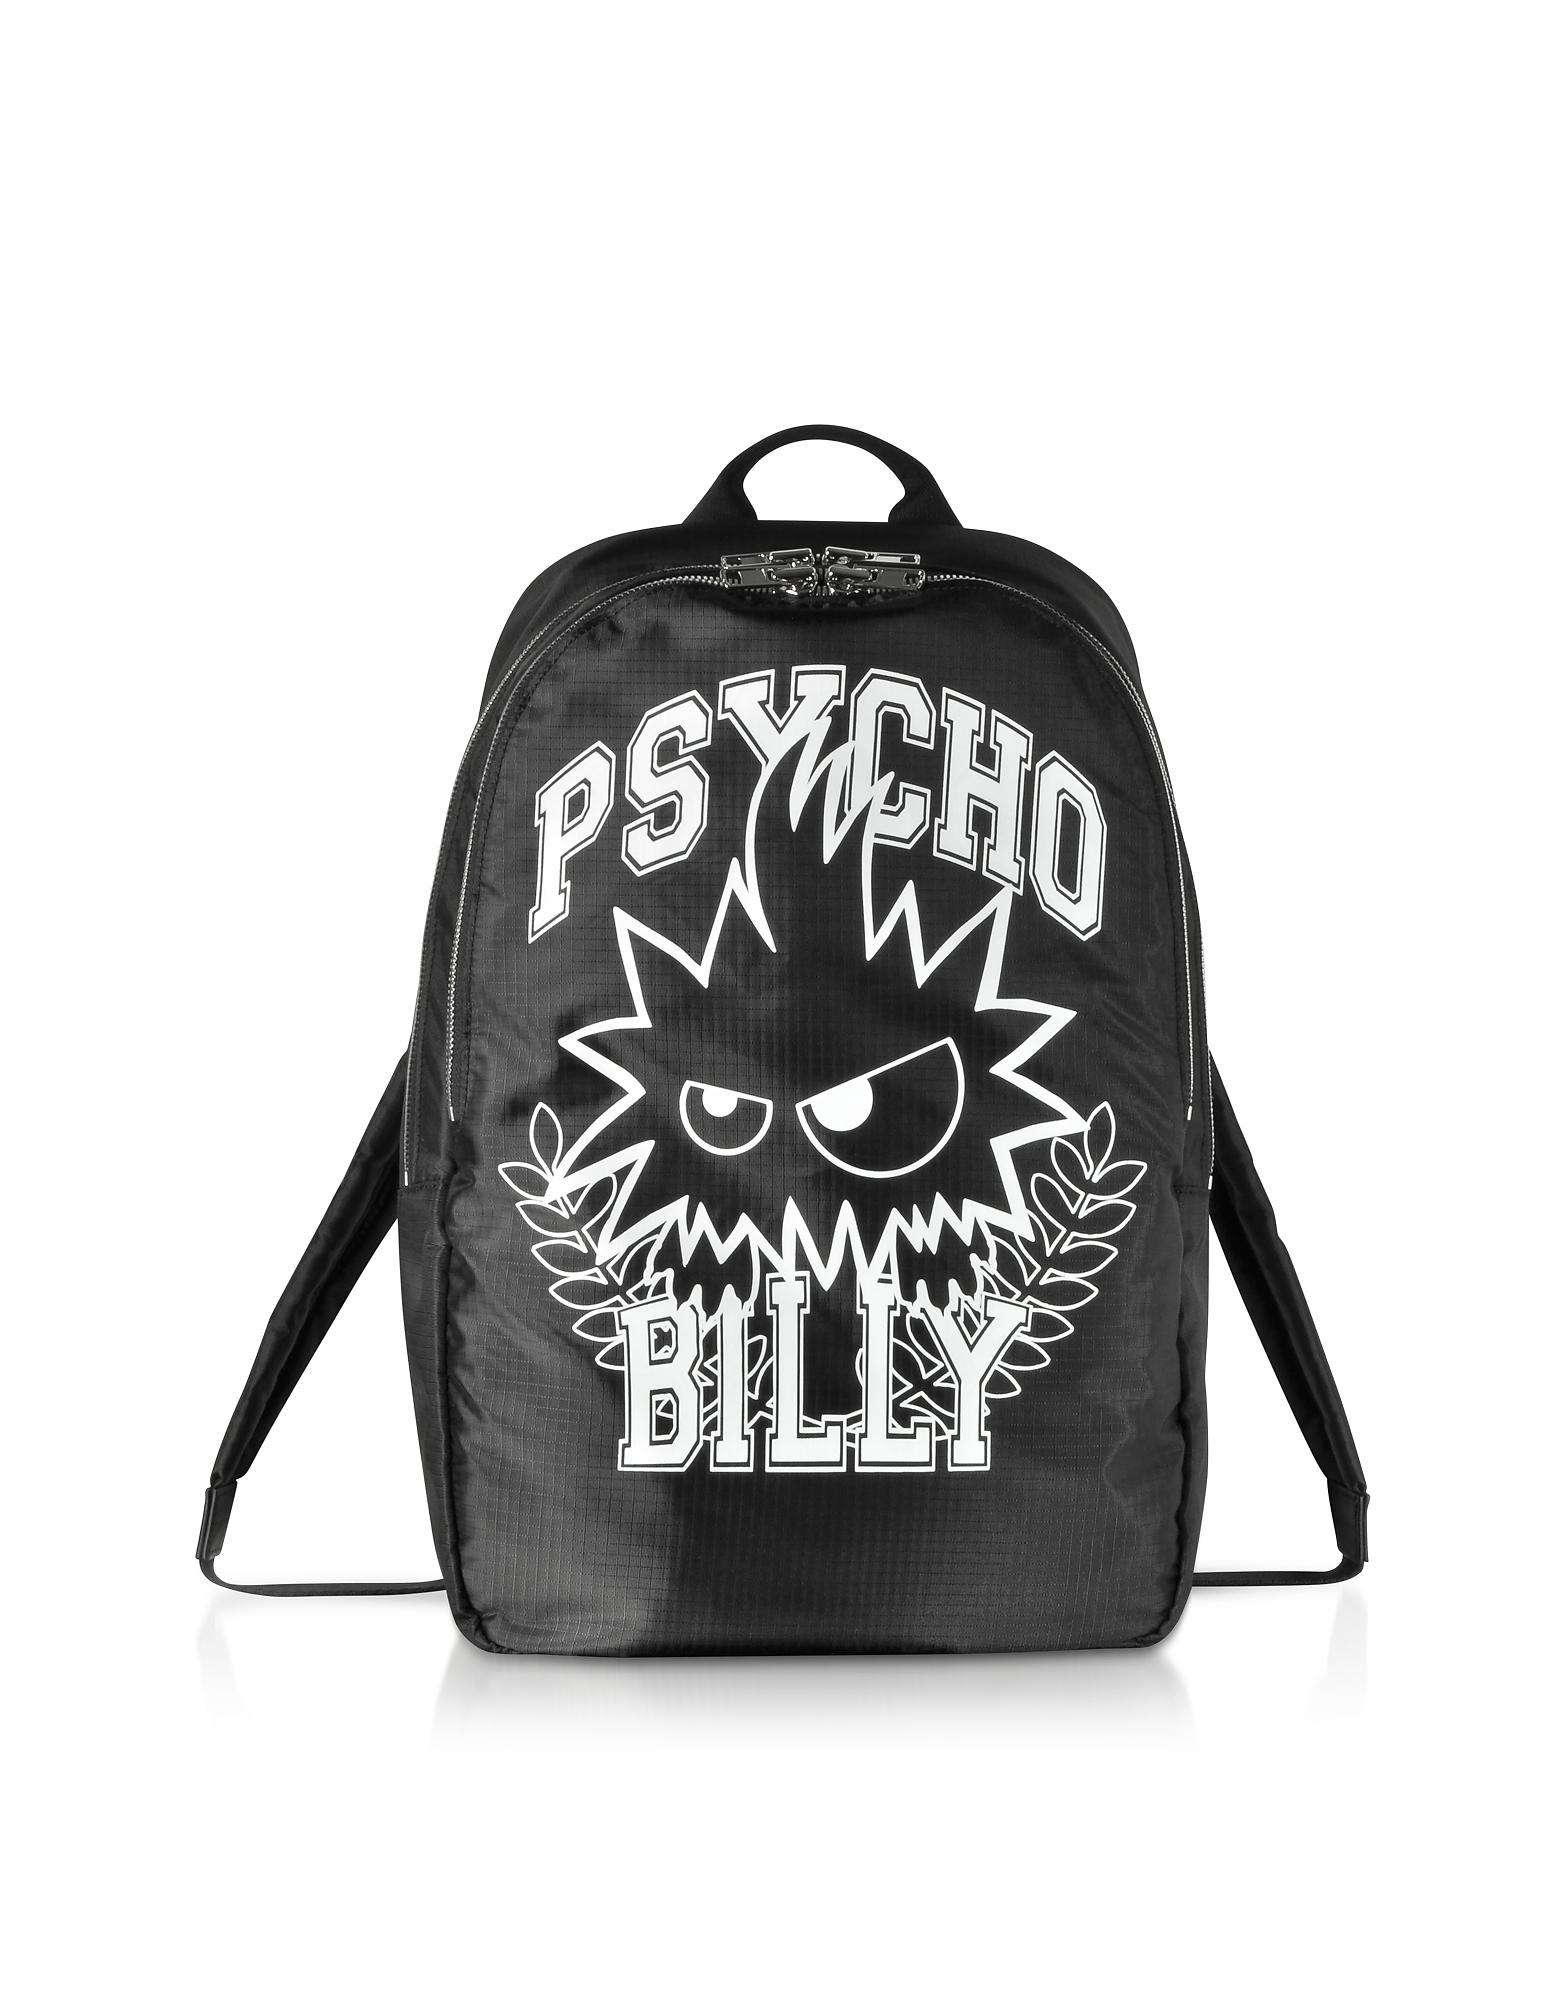 Psycho Billy Black Nylon Backpack